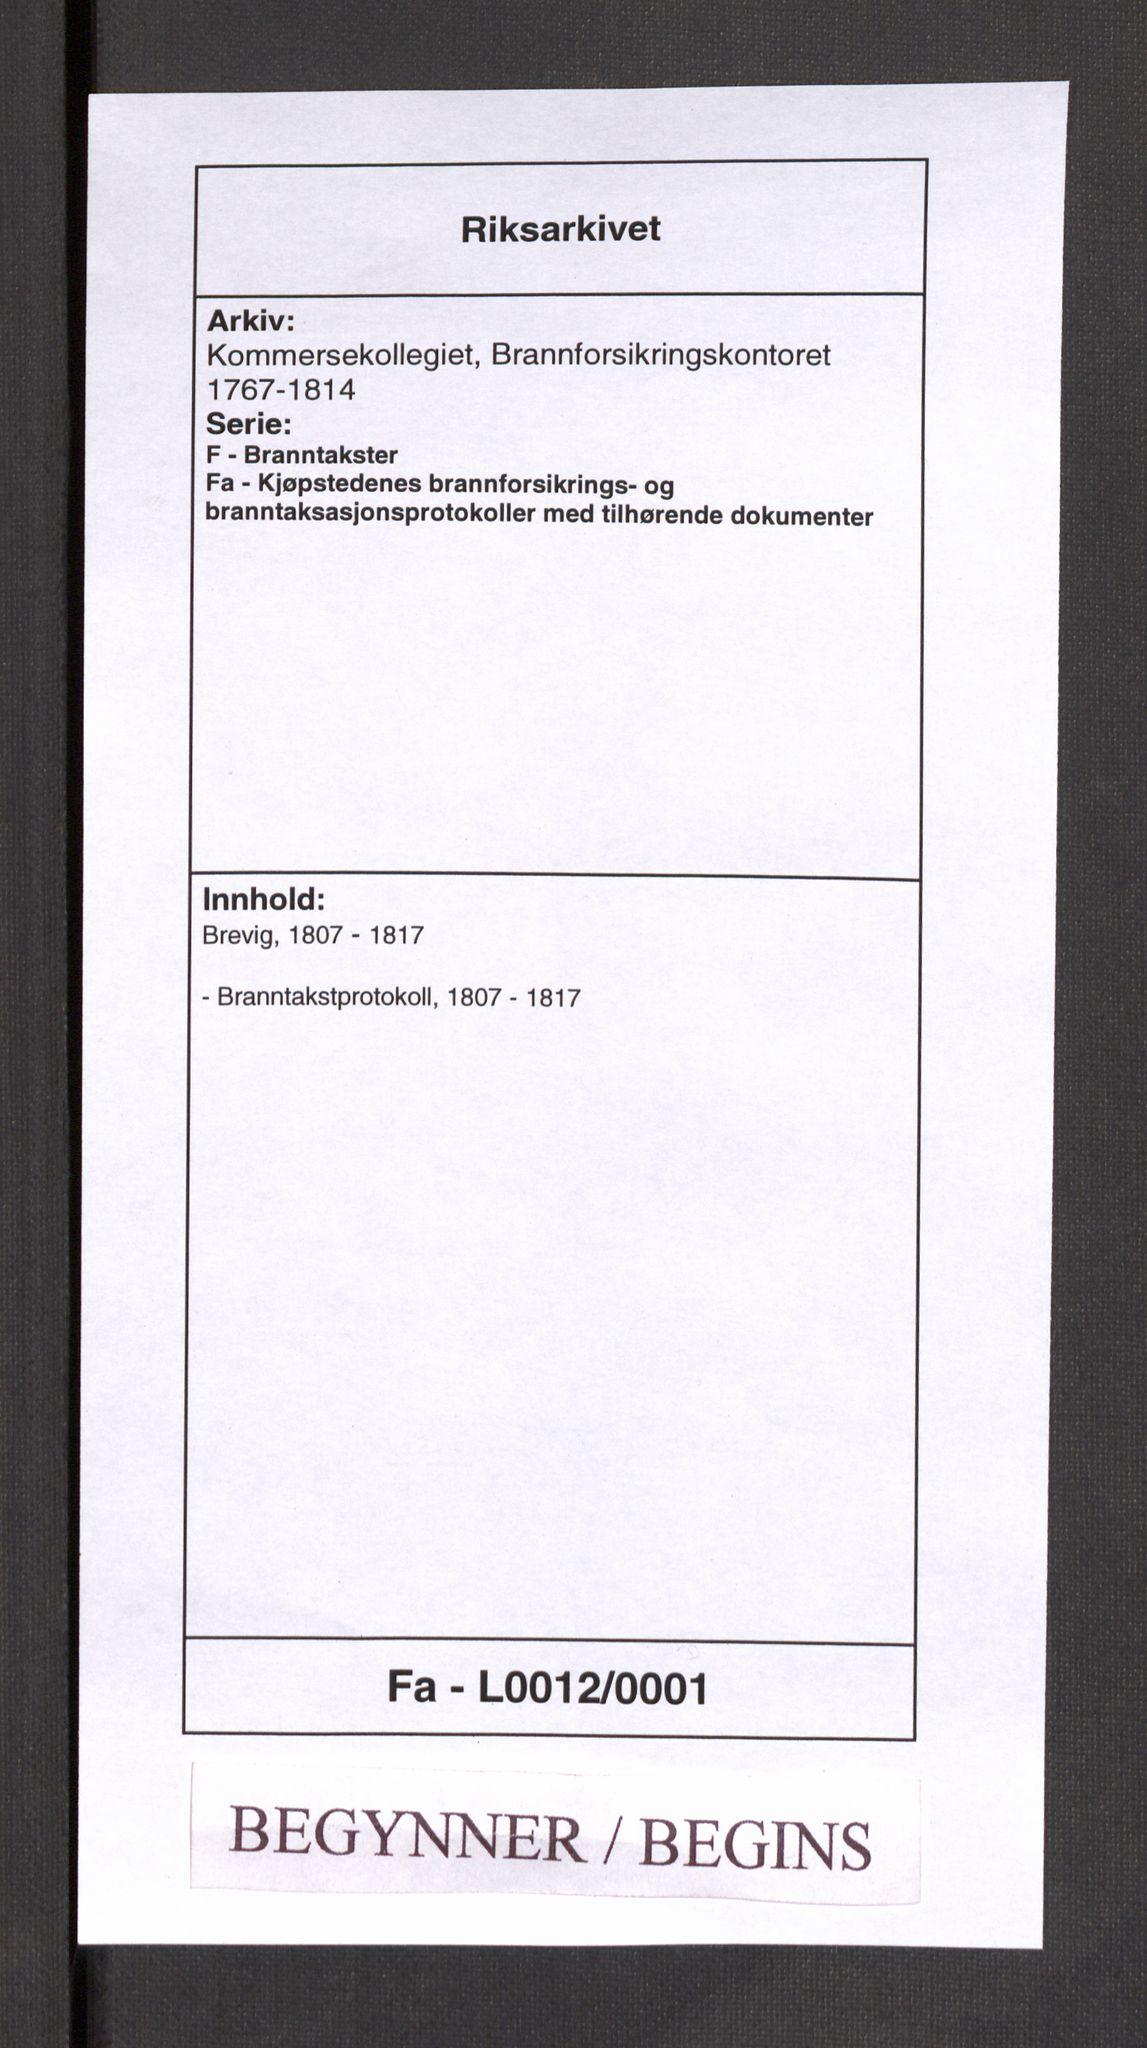 RA, Kommersekollegiet, Brannforsikringskontoret 1767-1814, F/Fa/L0012: Brevik, 1807-1817